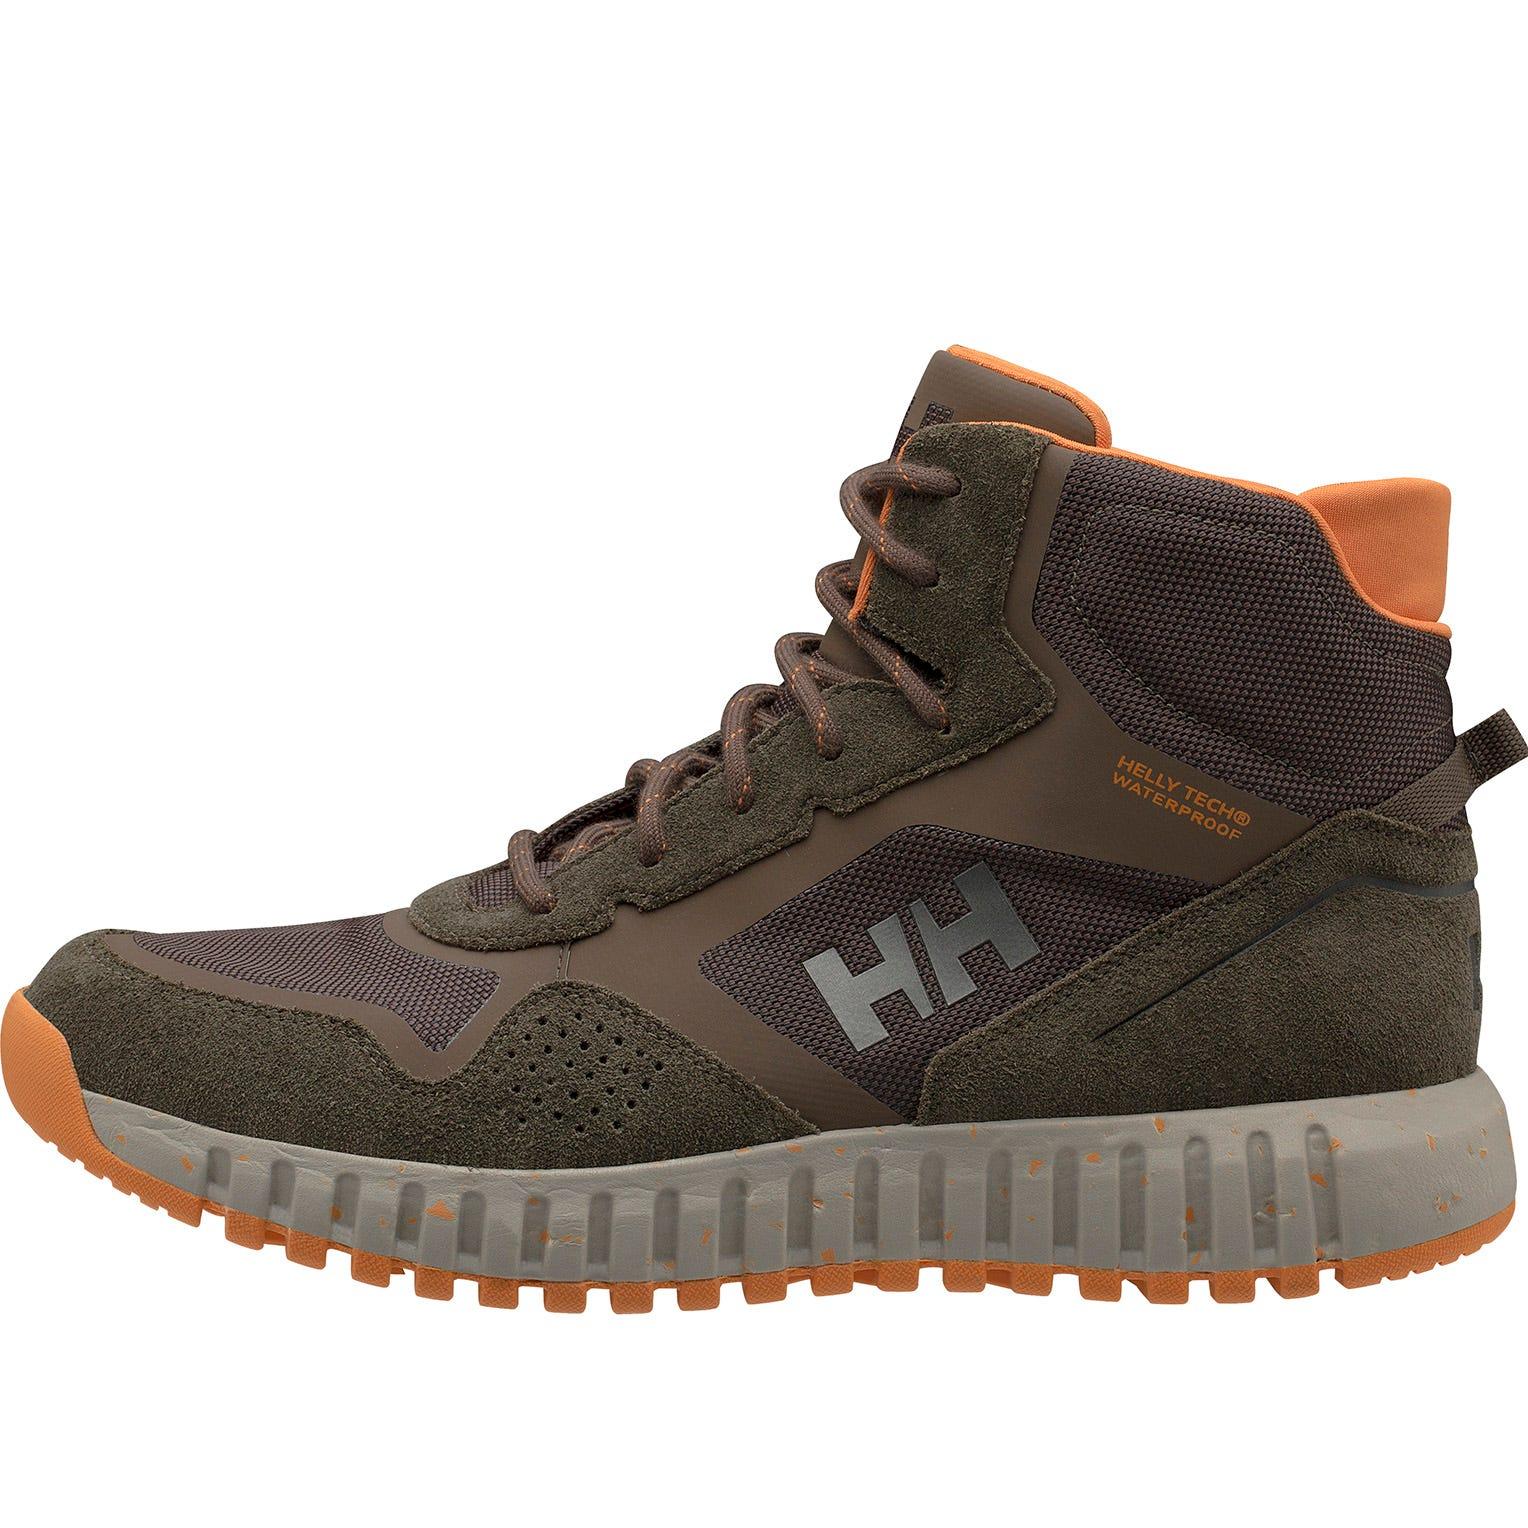 Helly Hansen Men's Monashee Ullr Ht Waterproof Winter Boots Brown 8.5